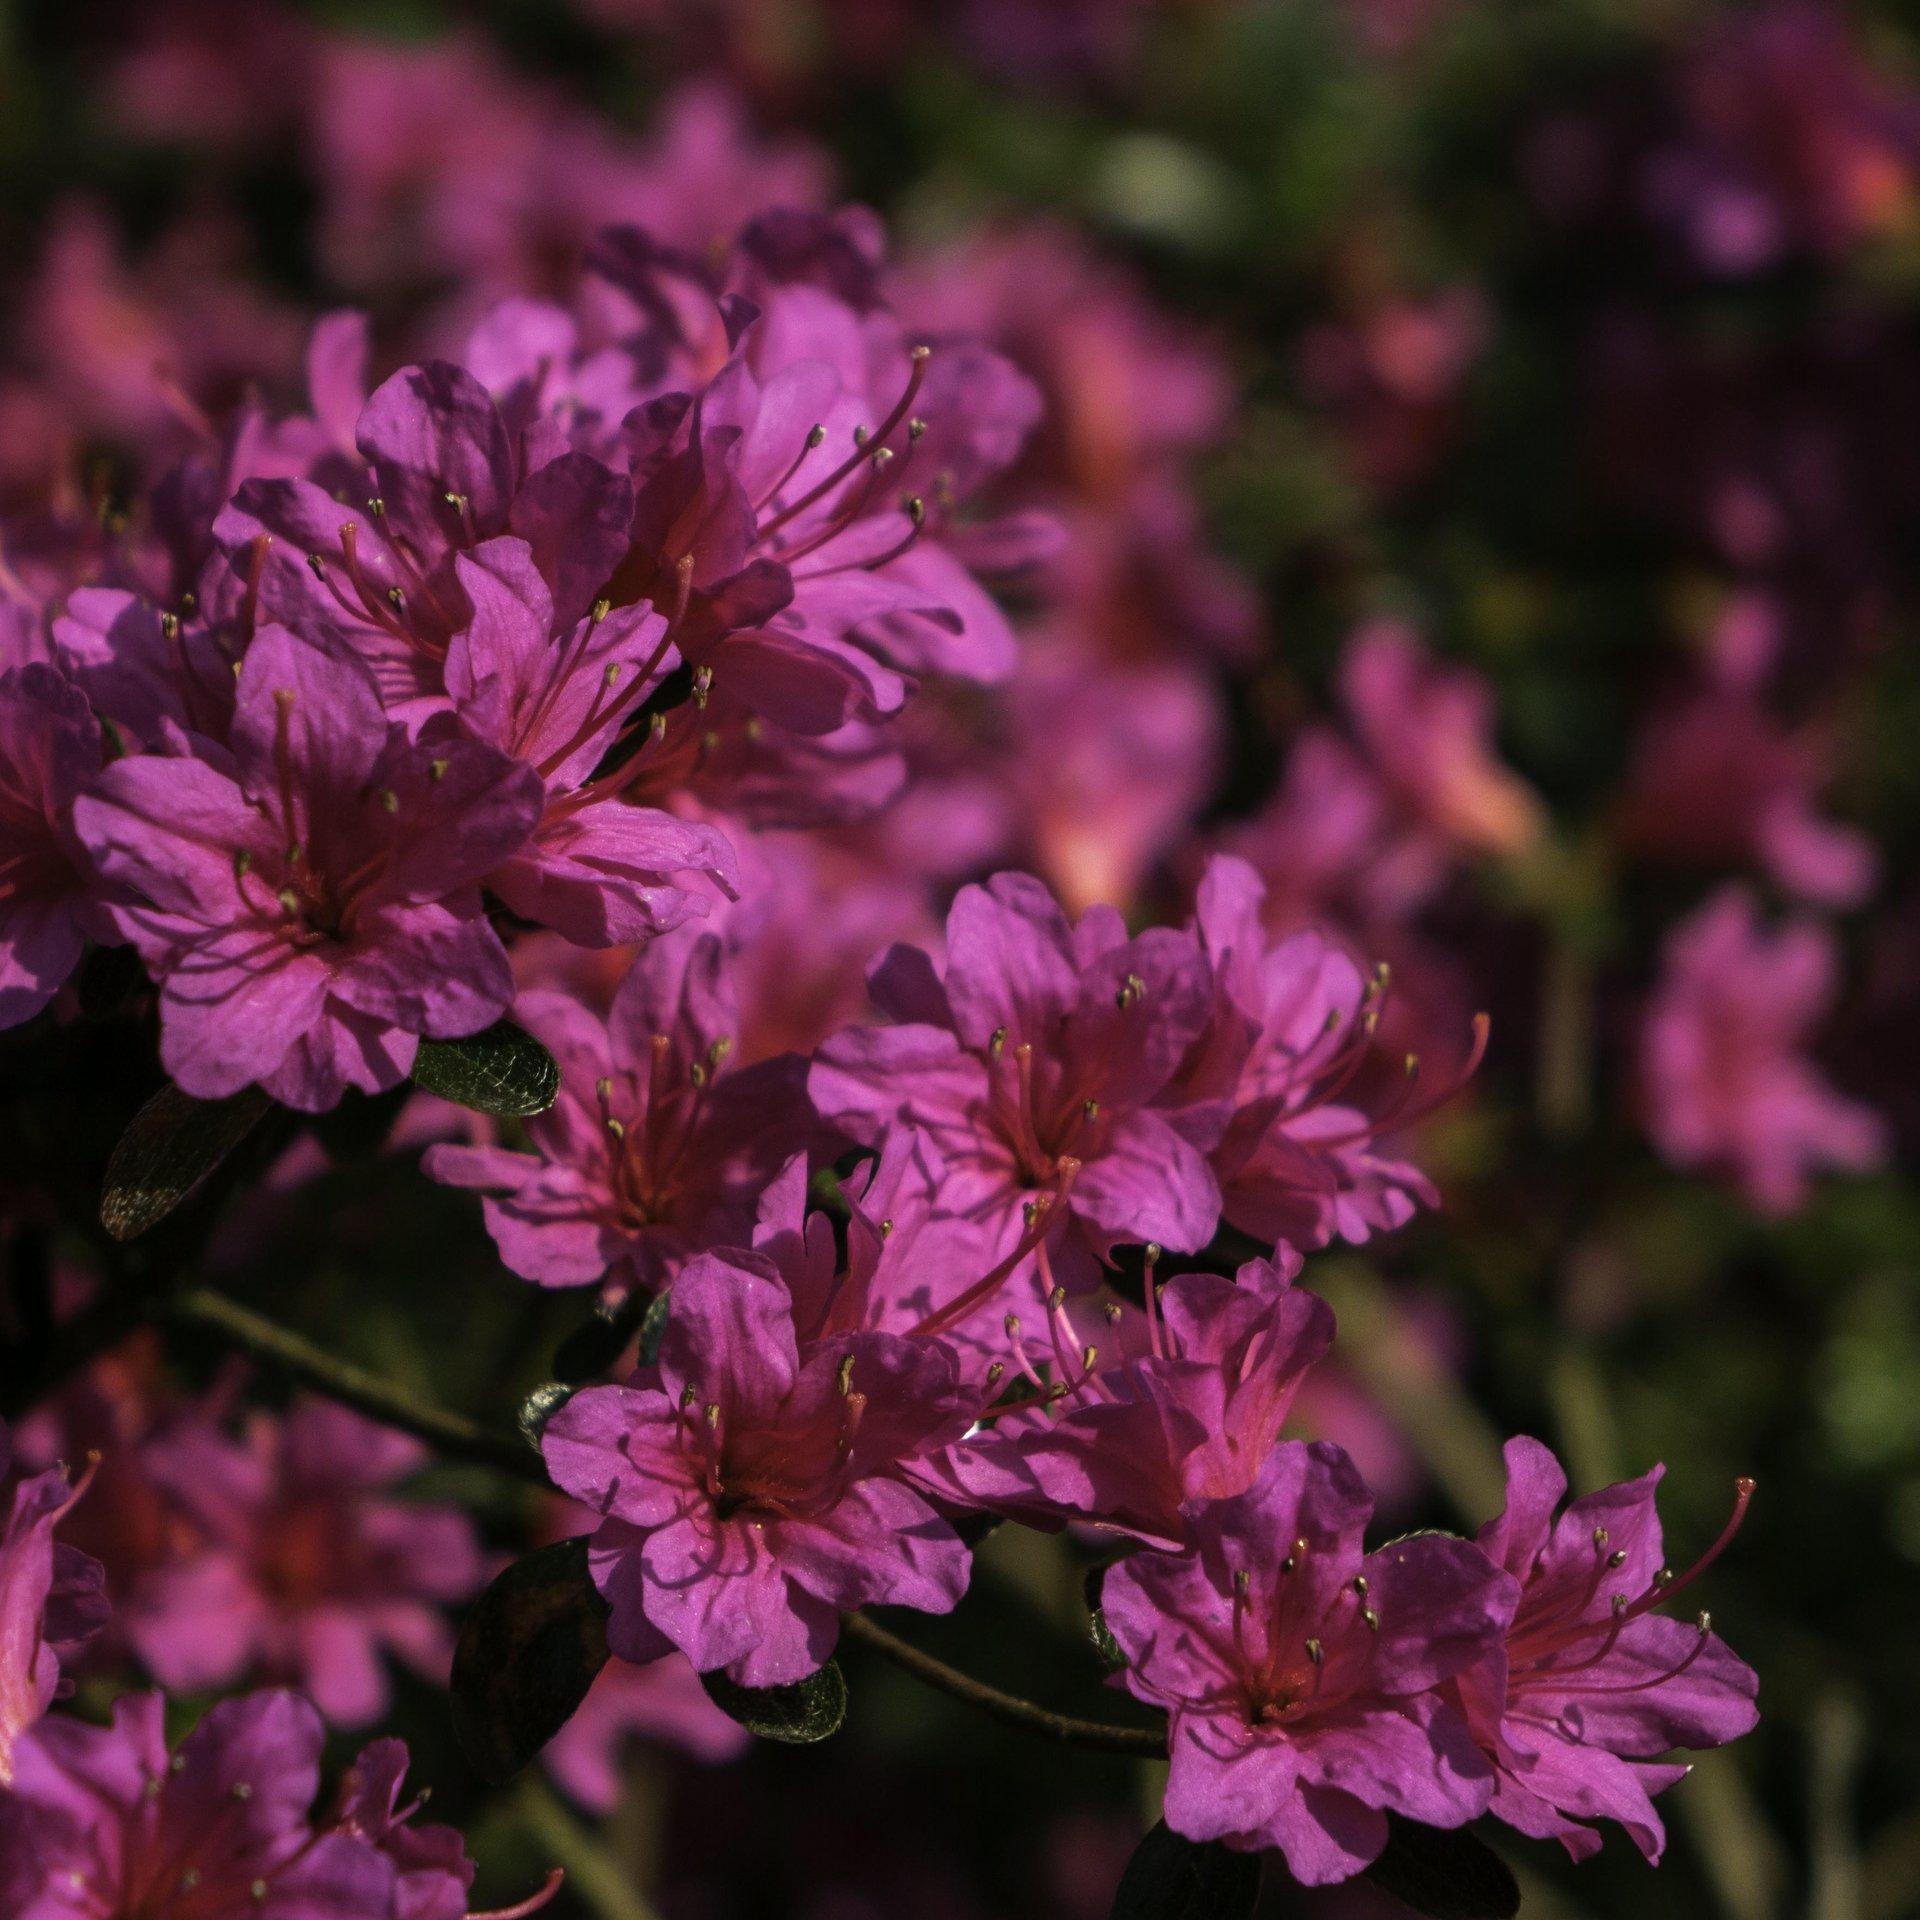 Rhododendron am Moorweiher im Berggarten